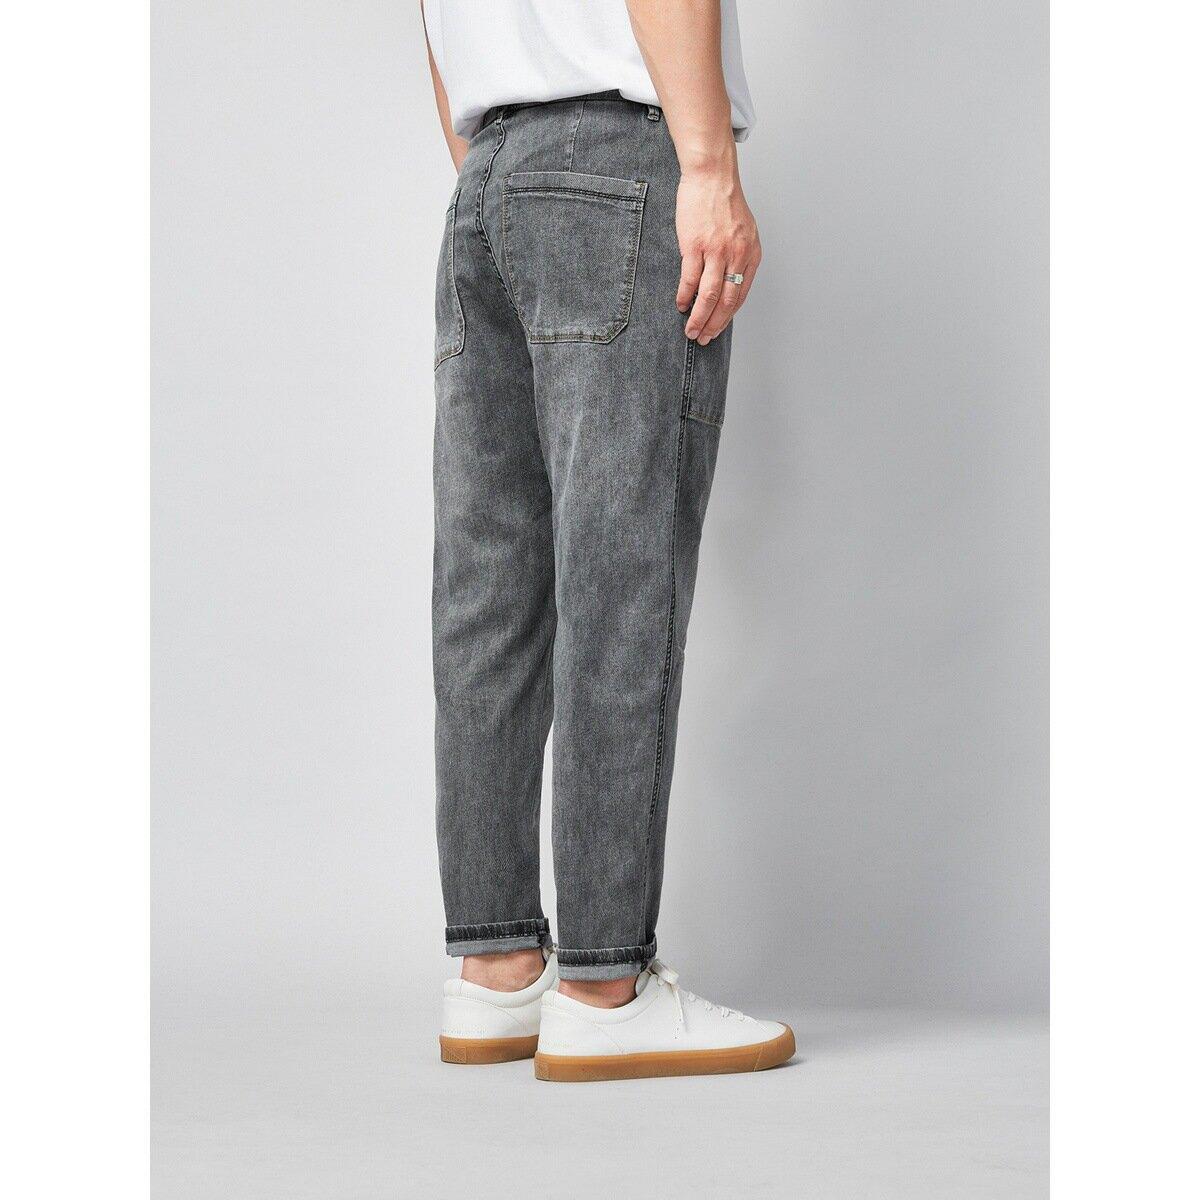 男裝2021春季新款寬鬆男士牛仔褲鬆緊中腰小直筒褲子男